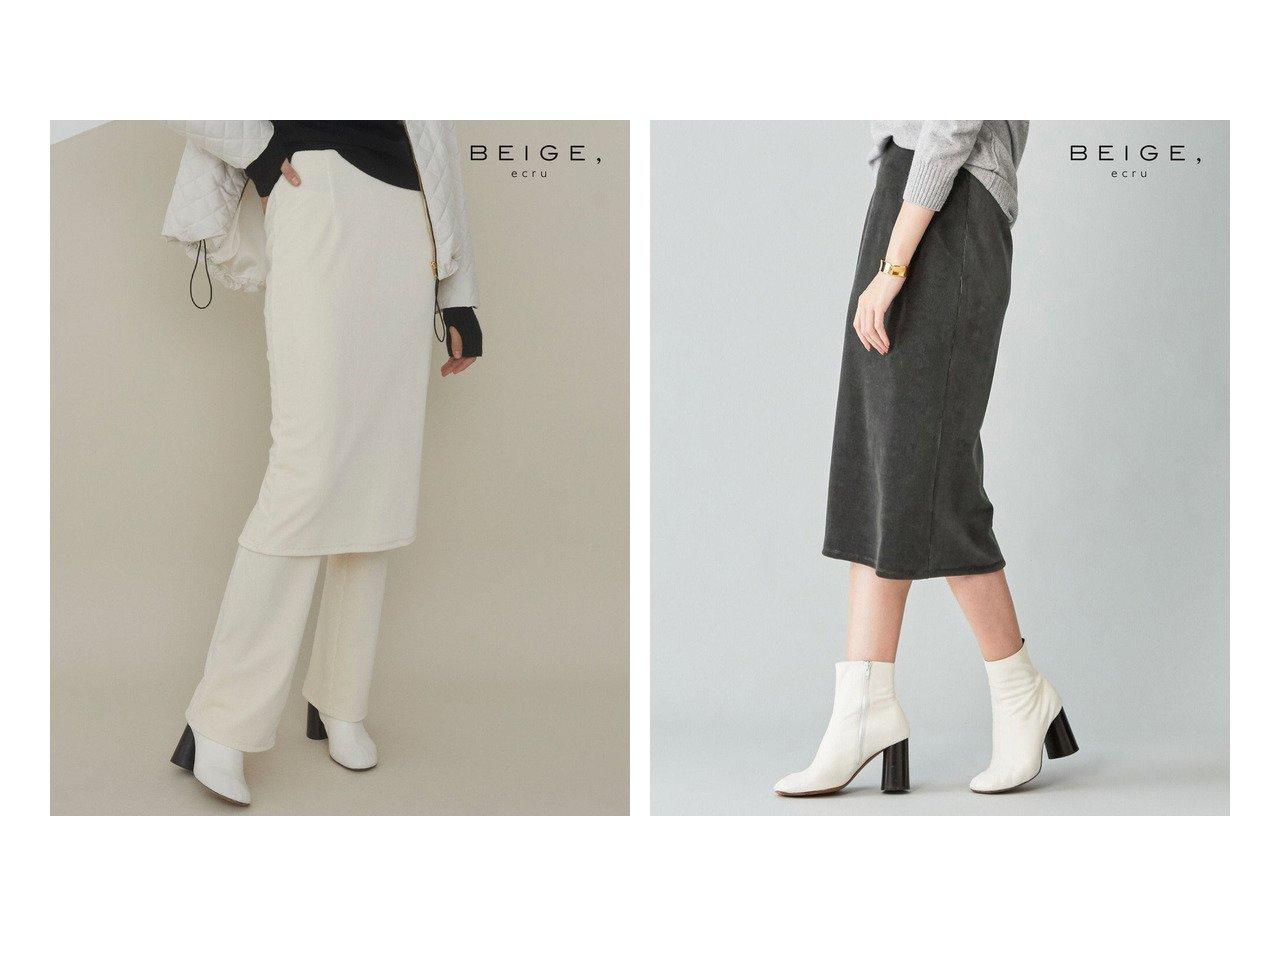 【BEIGE,/ベイジ,】のコーデュロイスカート 【スカート】おすすめ!人気、トレンド・レディースファッションの通販 おすすめで人気の流行・トレンド、ファッションの通販商品 インテリア・家具・メンズファッション・キッズファッション・レディースファッション・服の通販 founy(ファニー) https://founy.com/ ファッション Fashion レディースファッション WOMEN スカート Skirt コーデュロイ 今季 ストレッチ 定番 Standard A/W・秋冬 AW・Autumn/Winter・FW・Fall-Winter 2021年 2021 2021-2022秋冬・A/W AW・Autumn/Winter・FW・Fall-Winter・2021-2022 送料無料 Free Shipping |ID:crp329100000070215